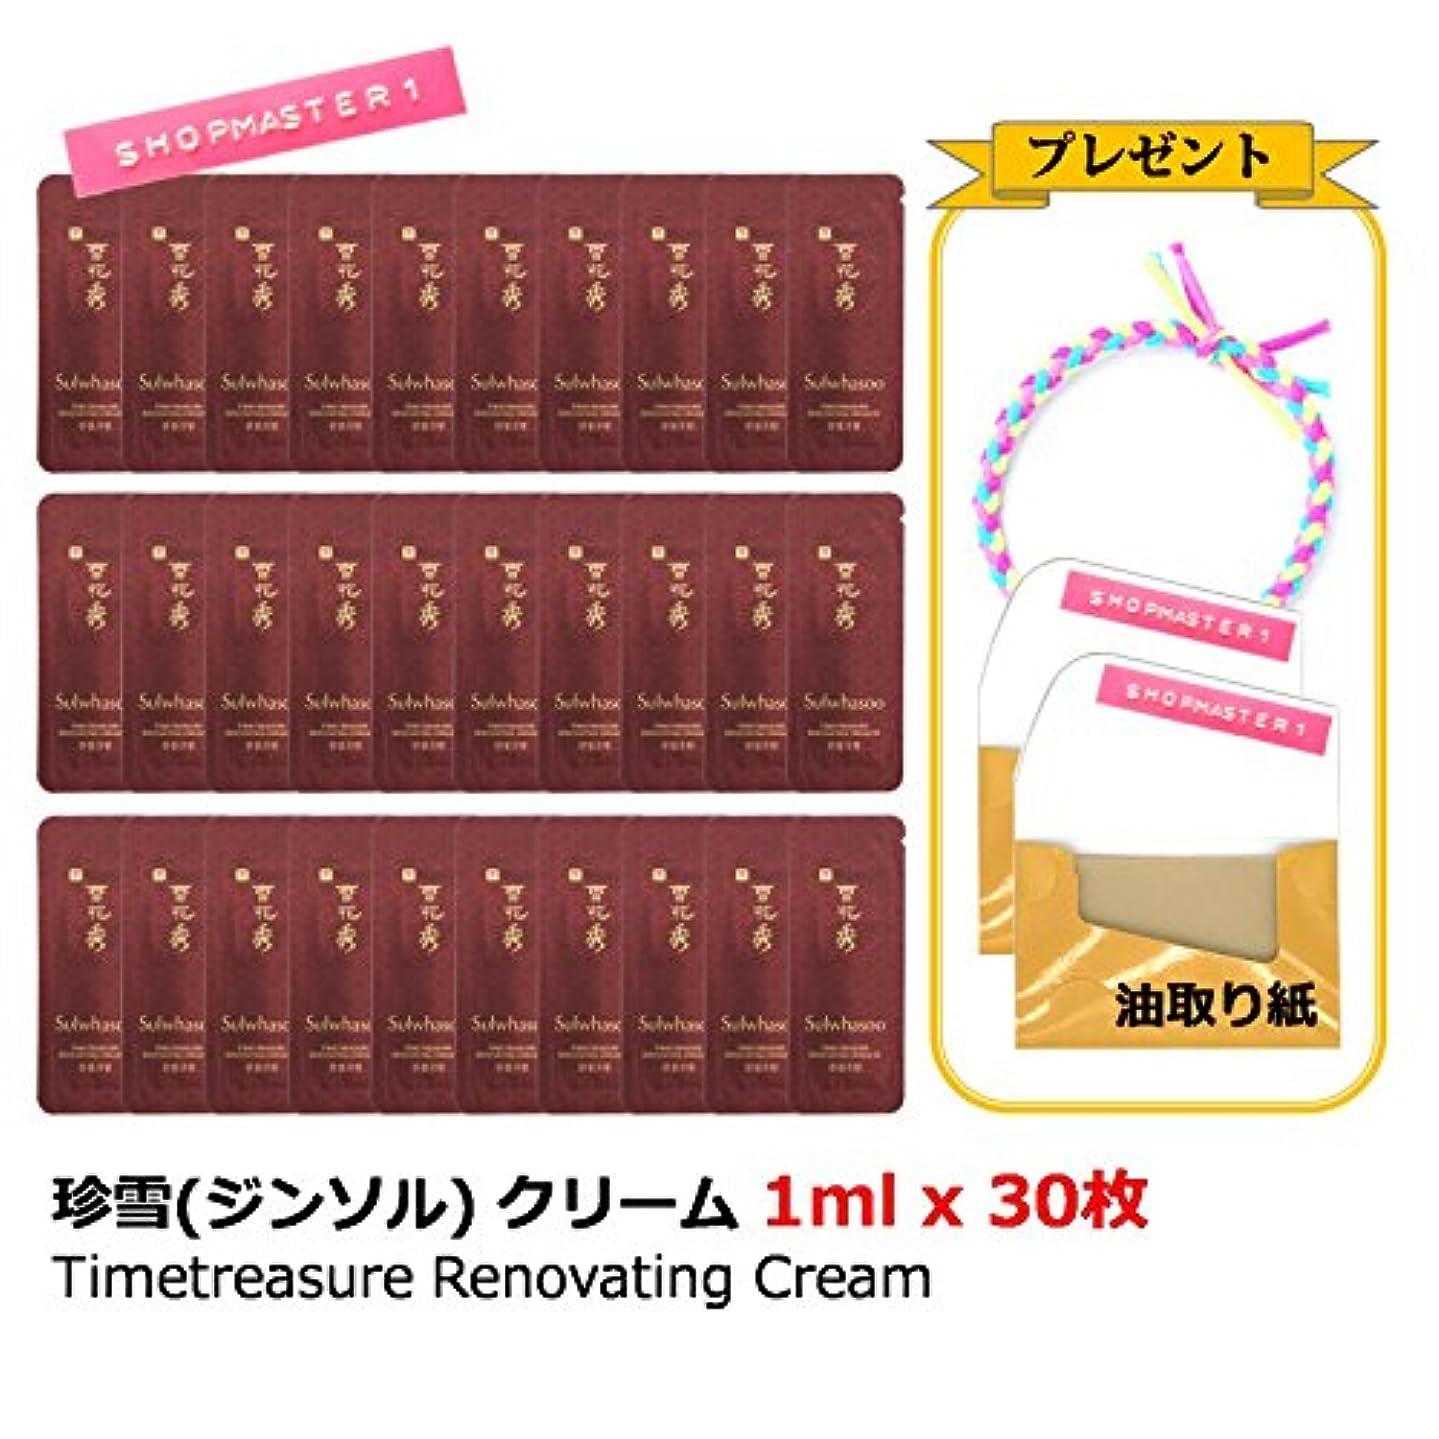 バイアスデコレーション定説【Sulwhasoo ソルファス】珍雪(ジンソル) クリーム 1ml x 30枚 Timetreasure Renovating Cream/プレゼント 油取り紙 2個(30枚ずつ)、ヘアタイ/海外直配送